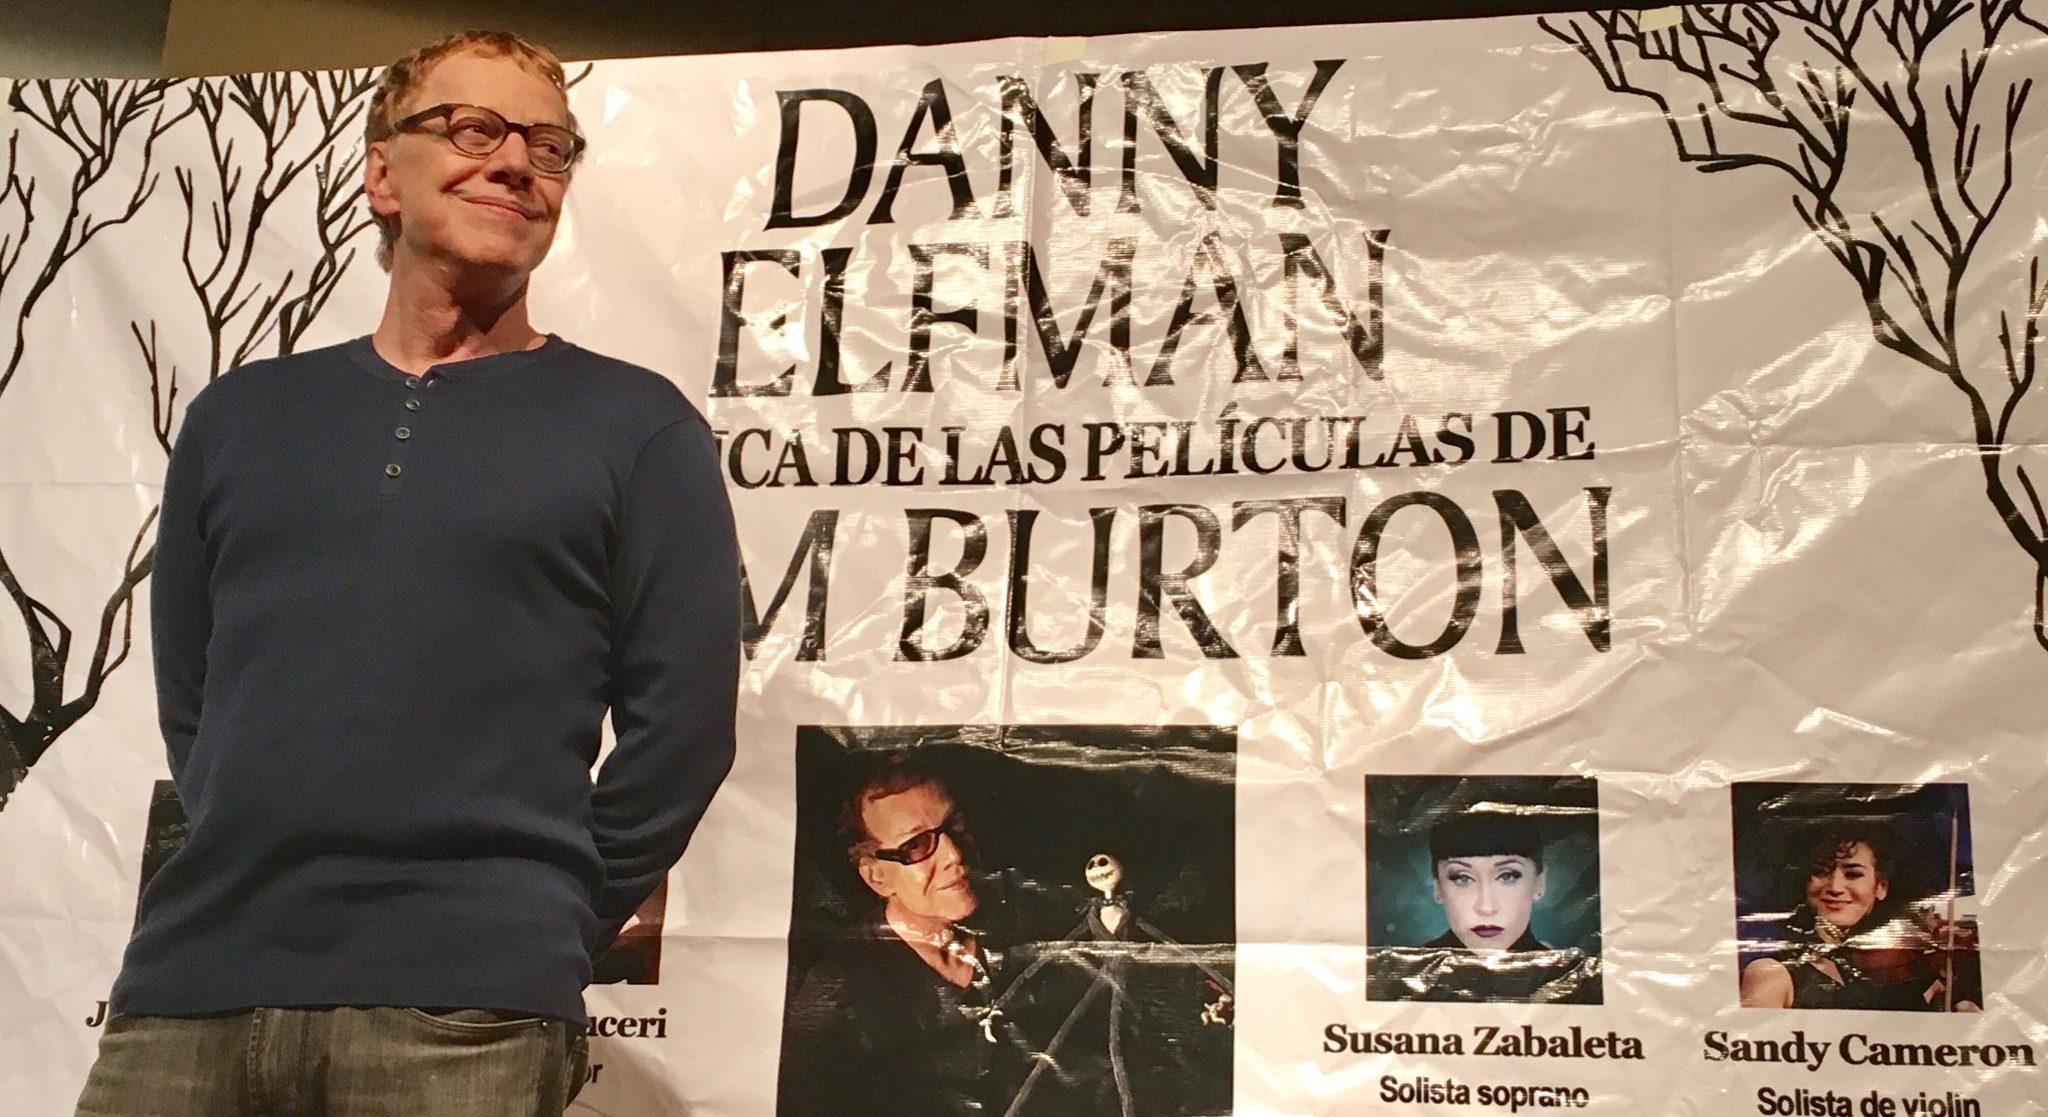 Danny-Elfman-Mexico